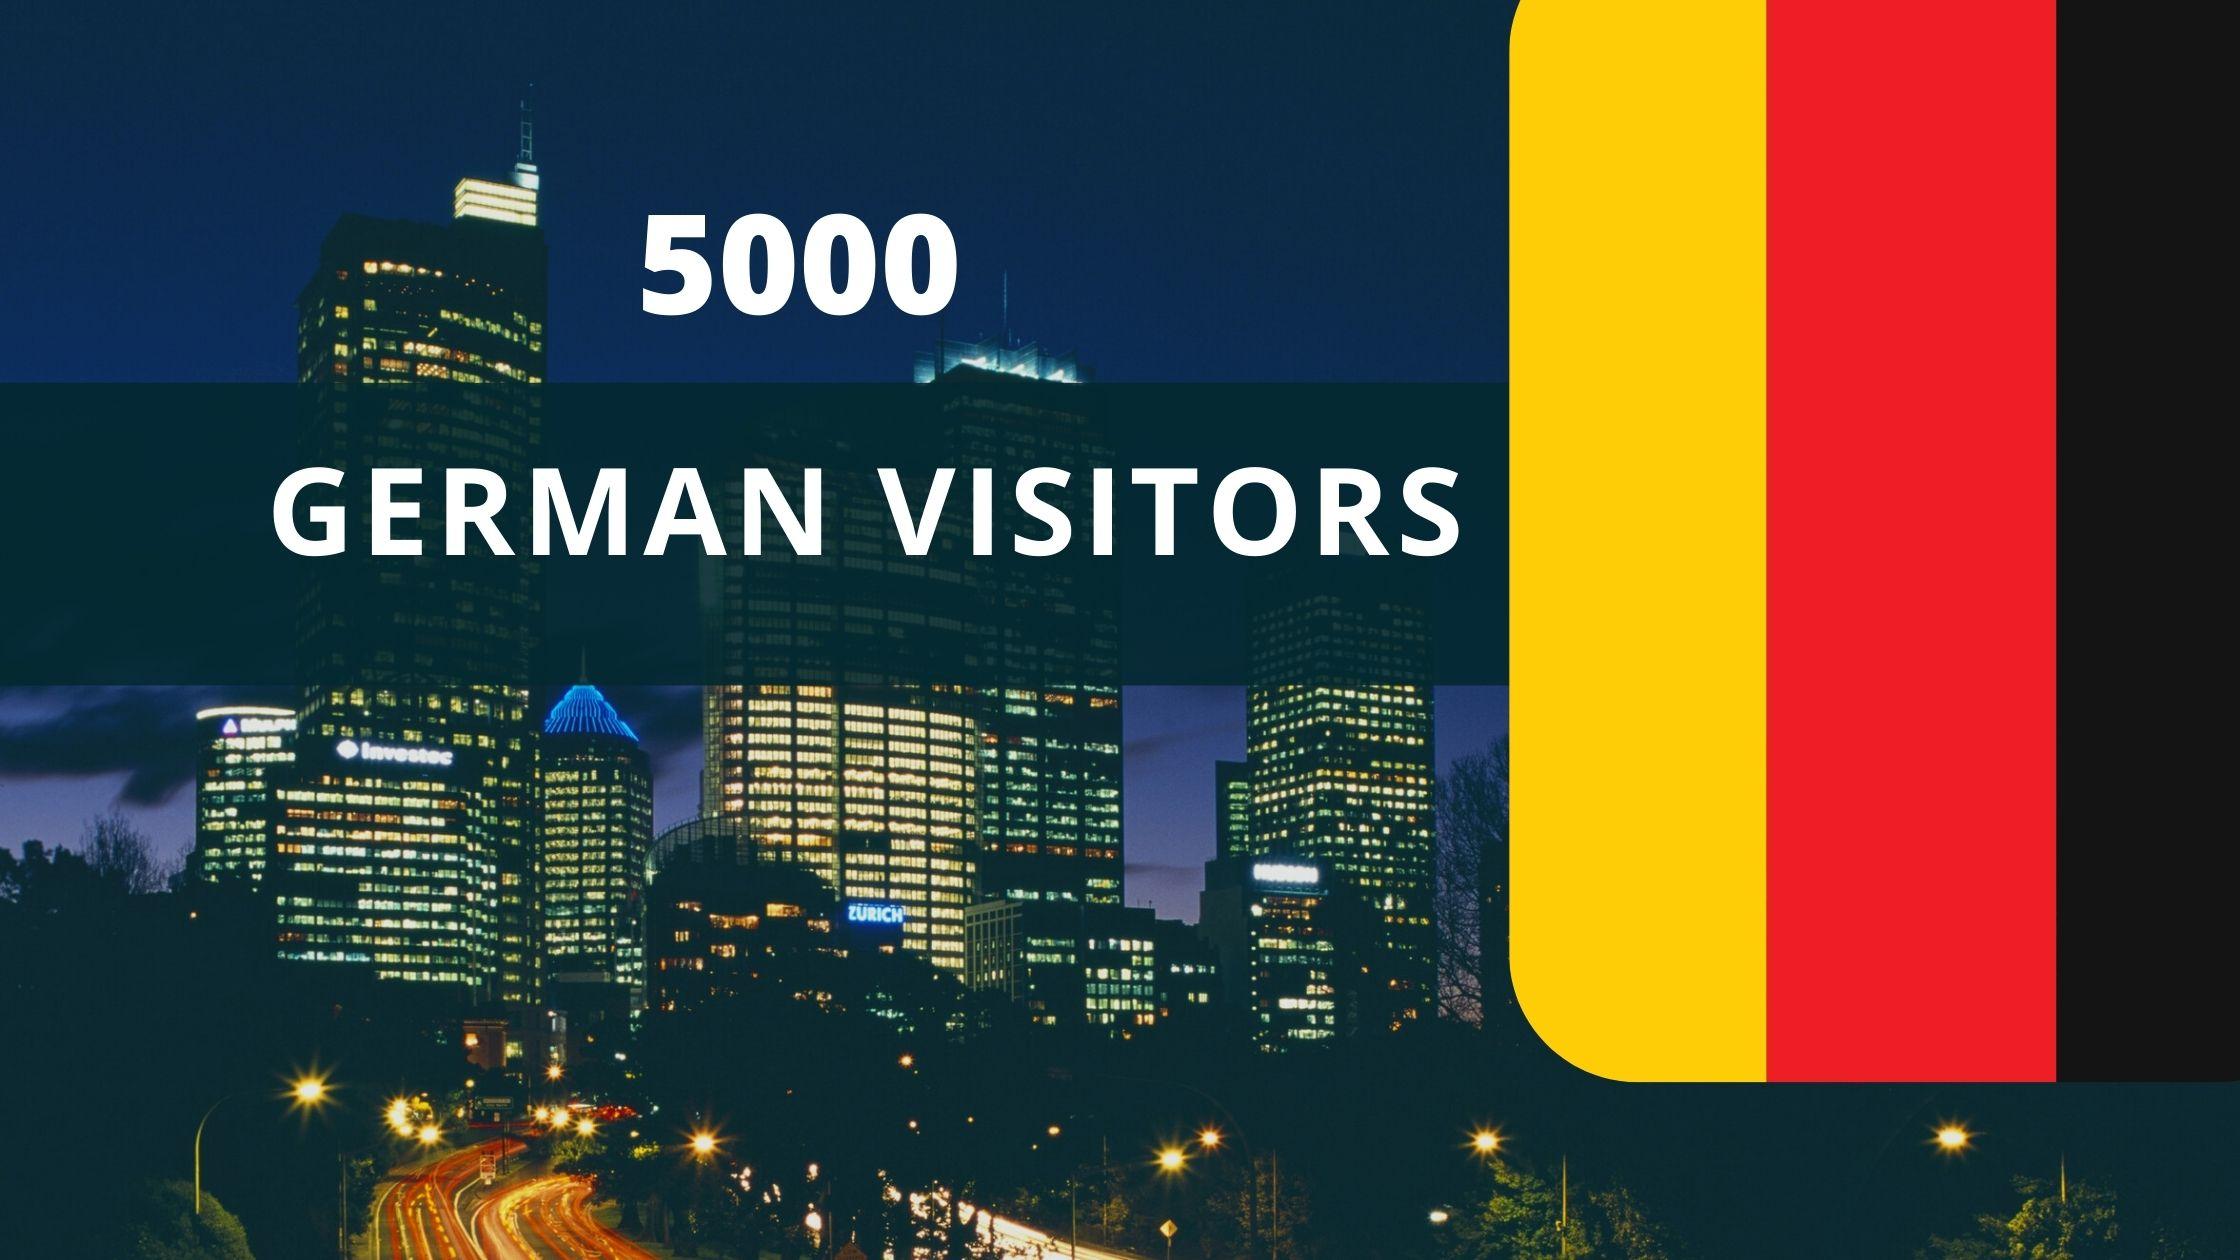 5000 German visitors for your website or blog